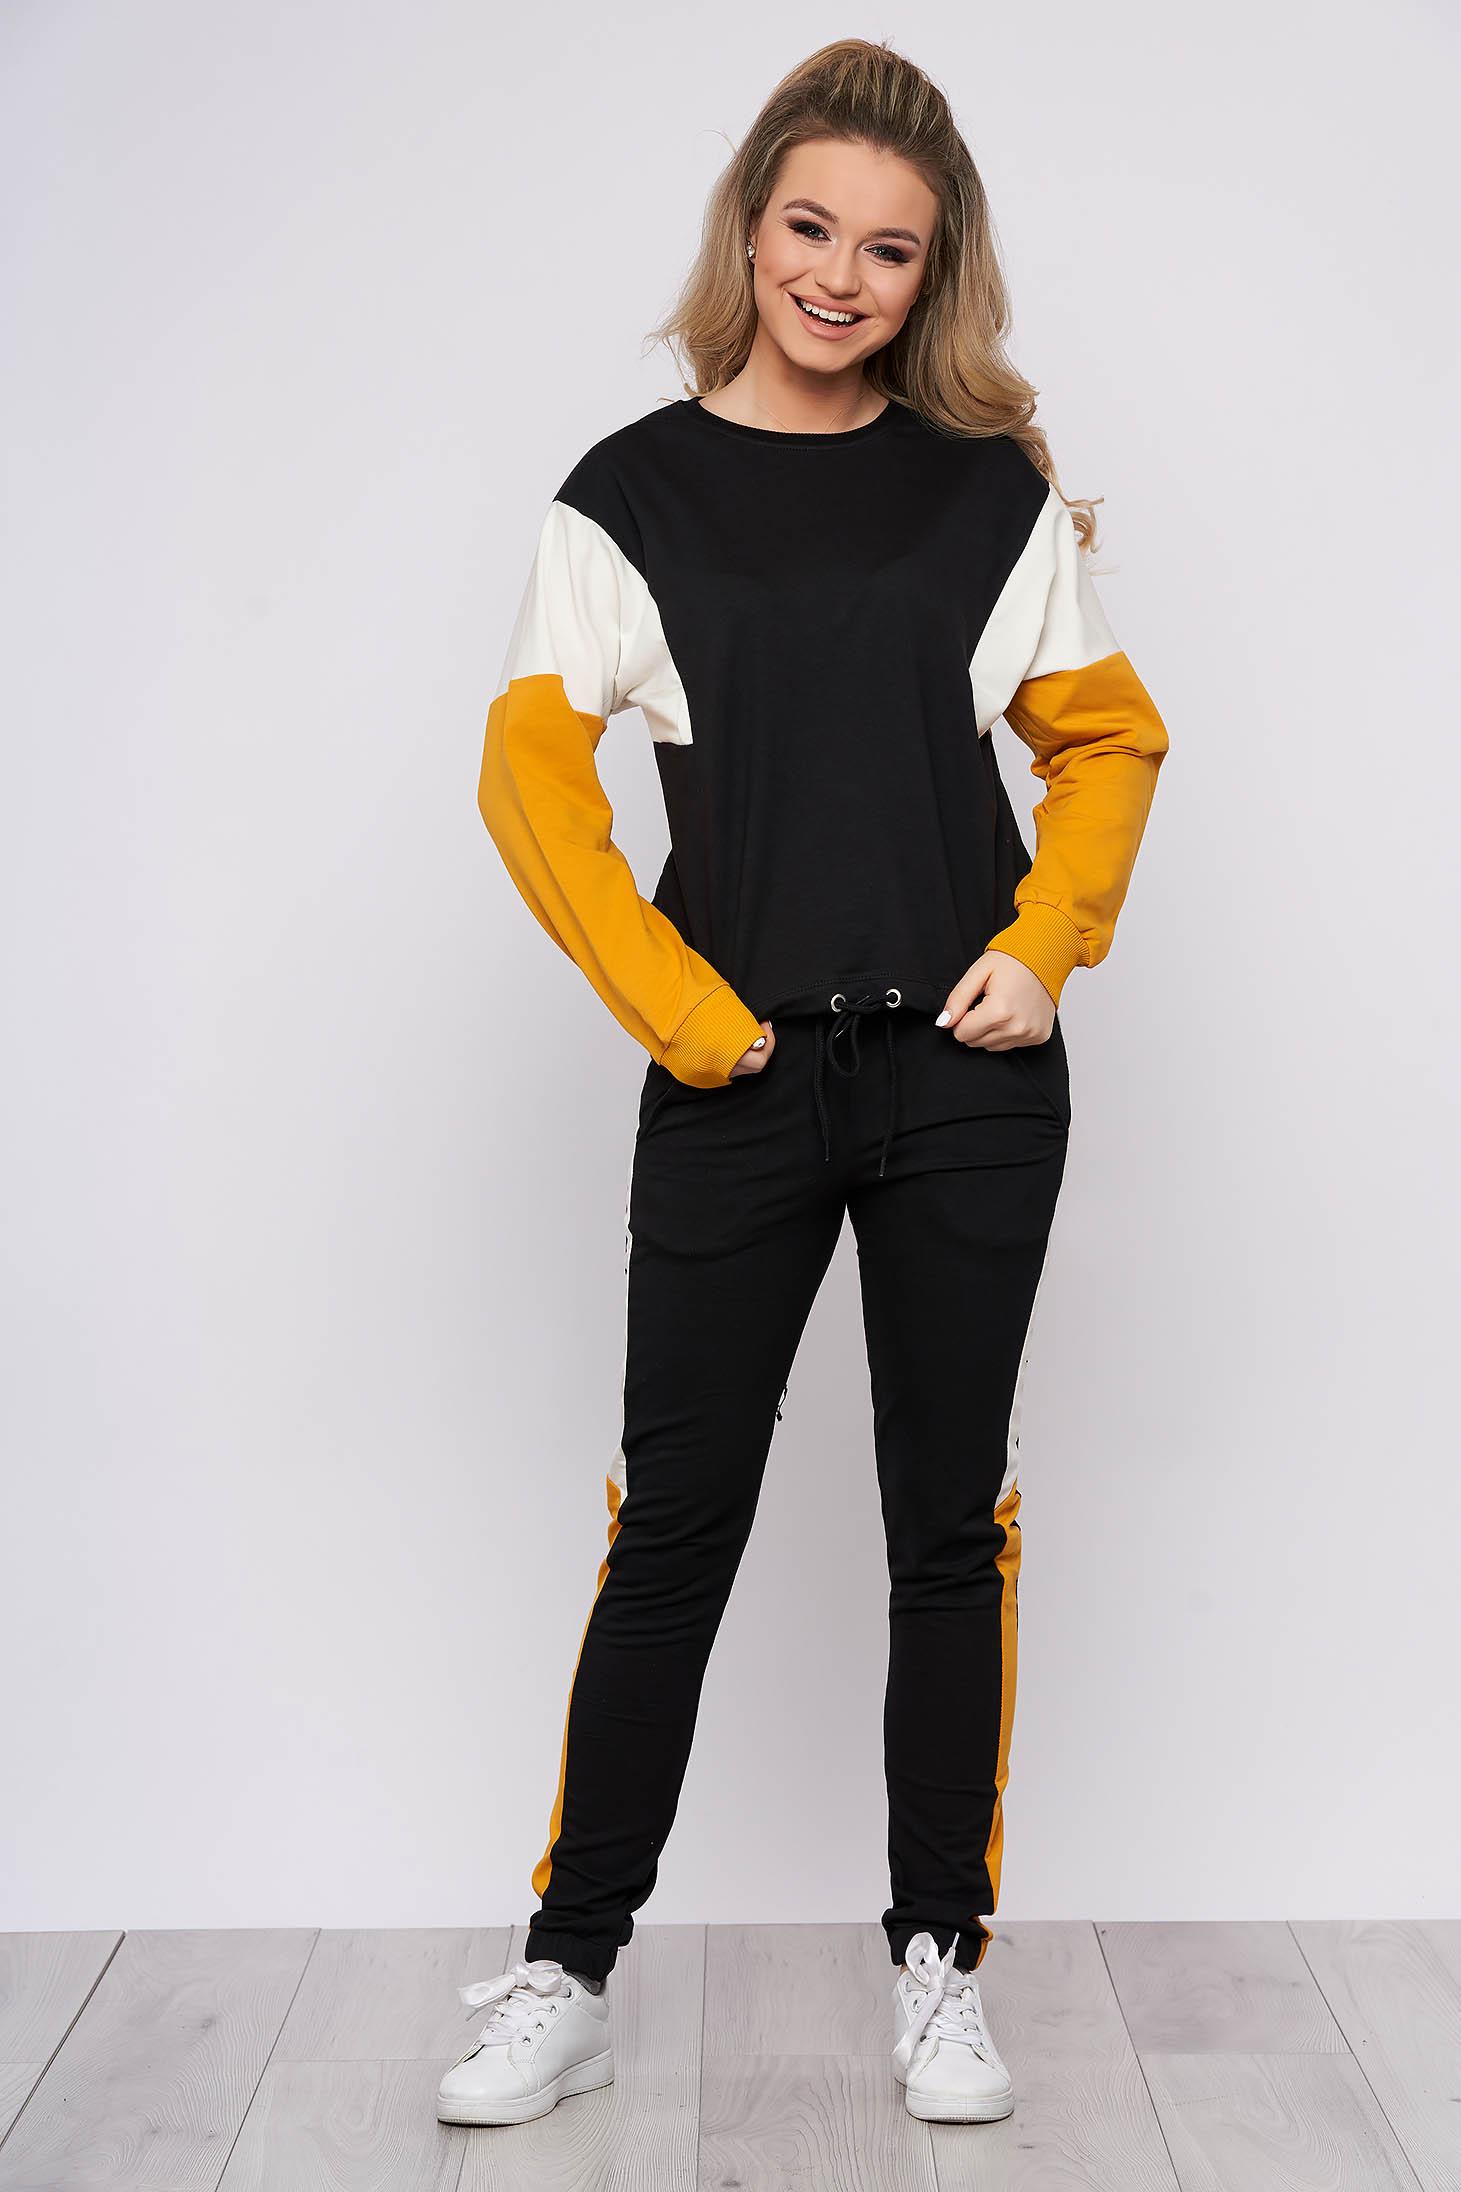 Trening dama SunShine mustariu sport din bumbac din doua piese cu pantaloni si bluza